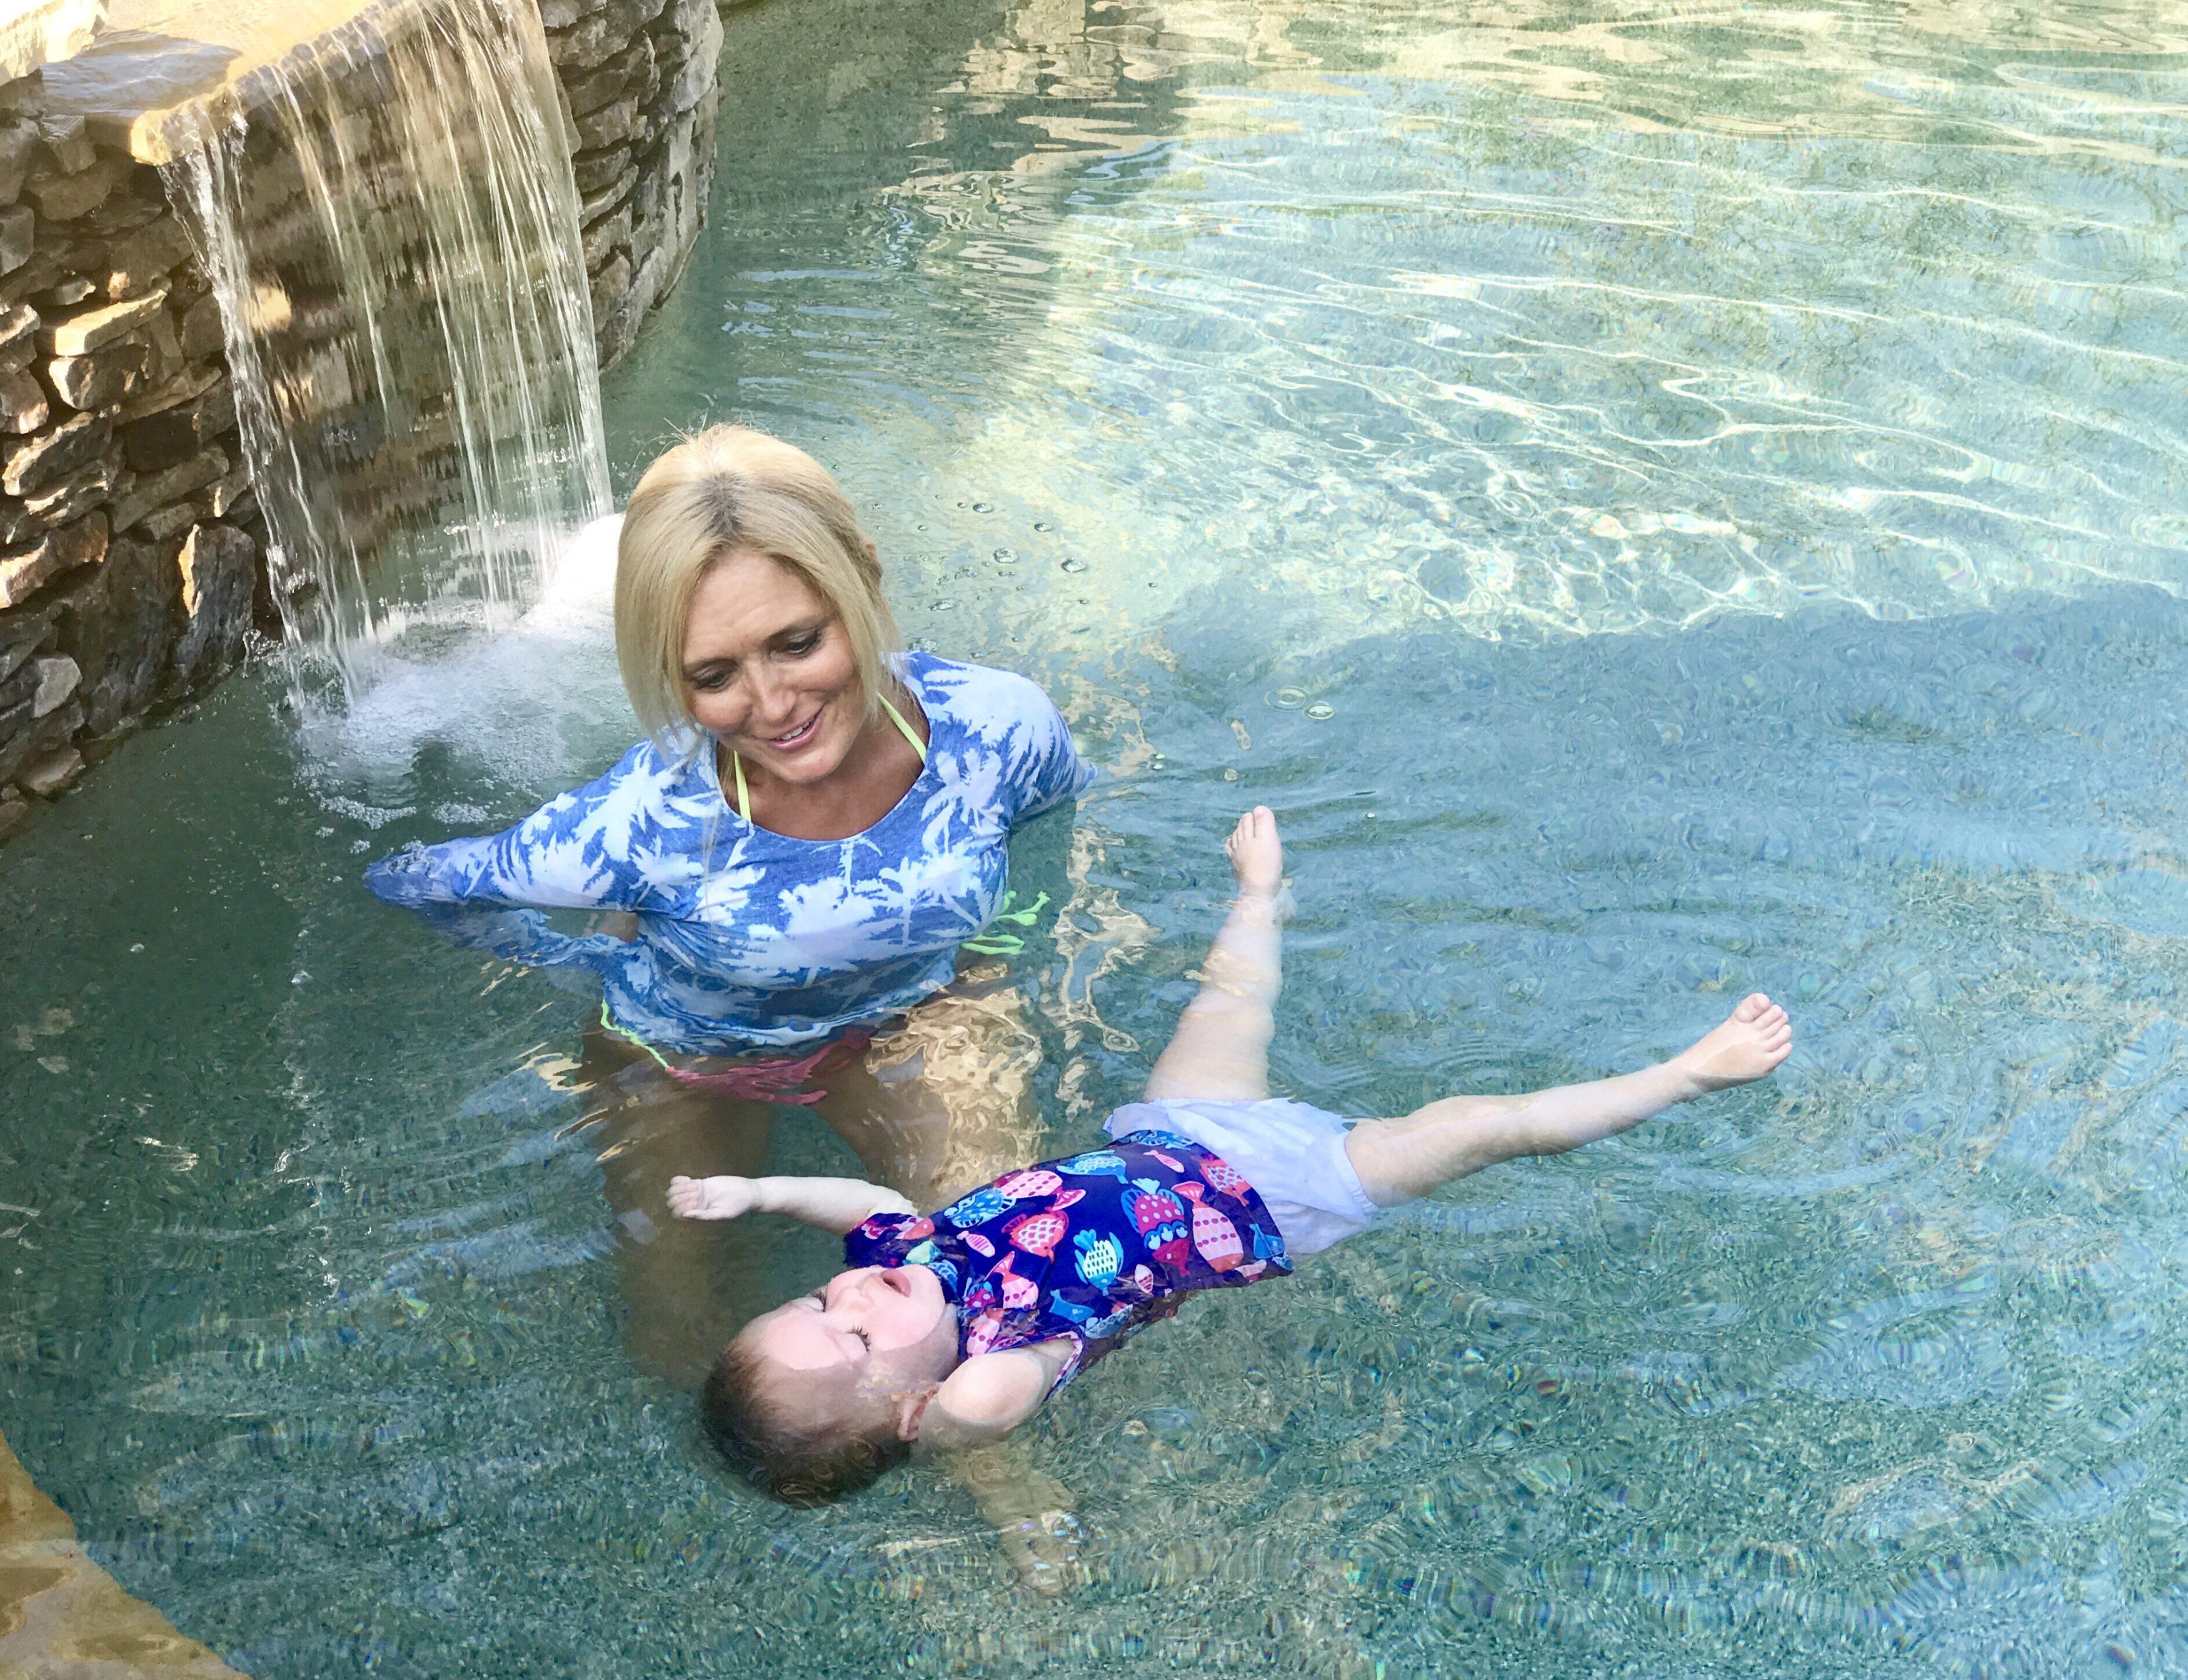 toddler-swimming-3500x2688.jpg